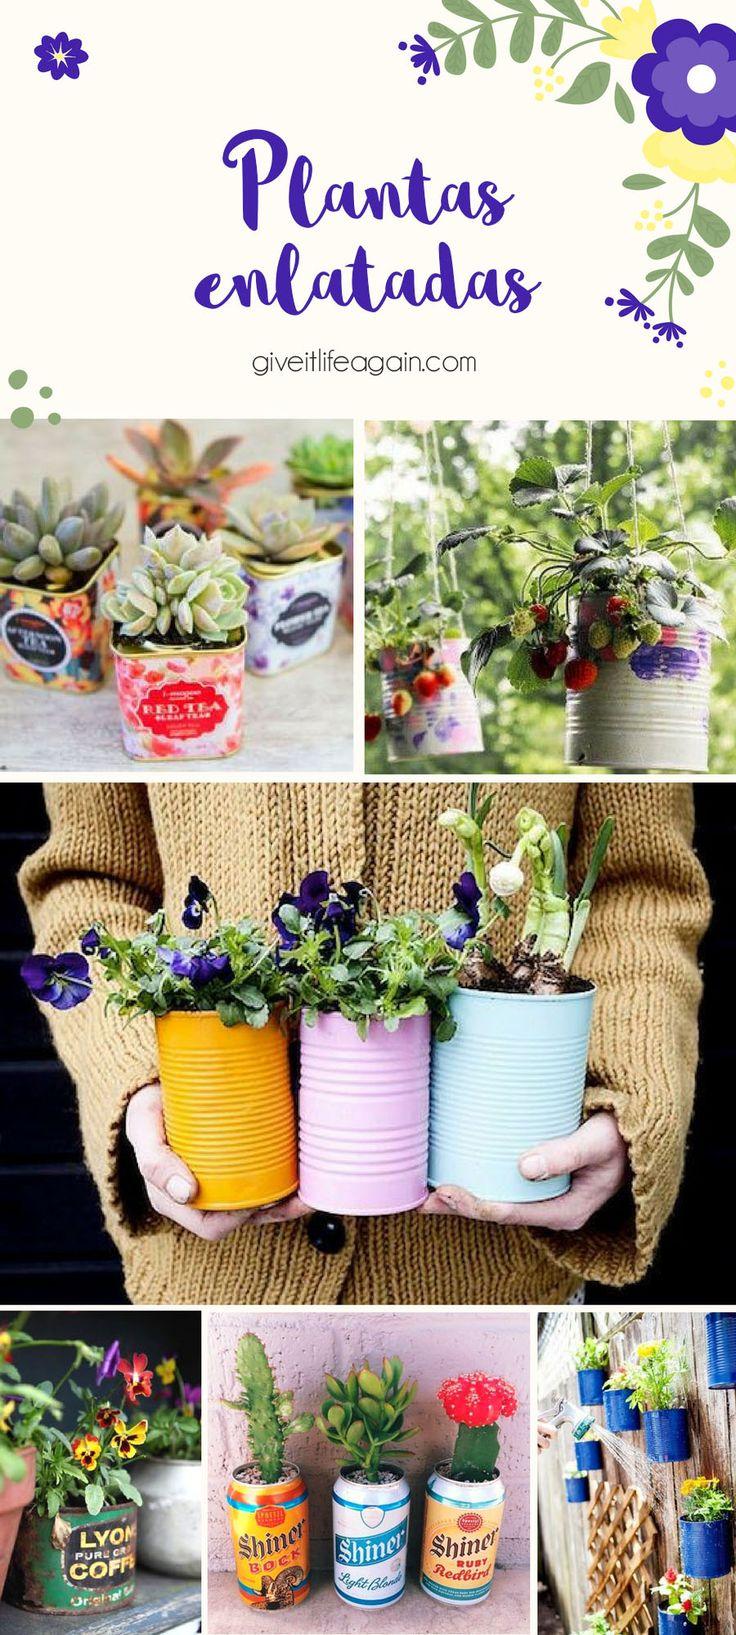 Plantas en latas de conserva recicladas. Giveitliveagain